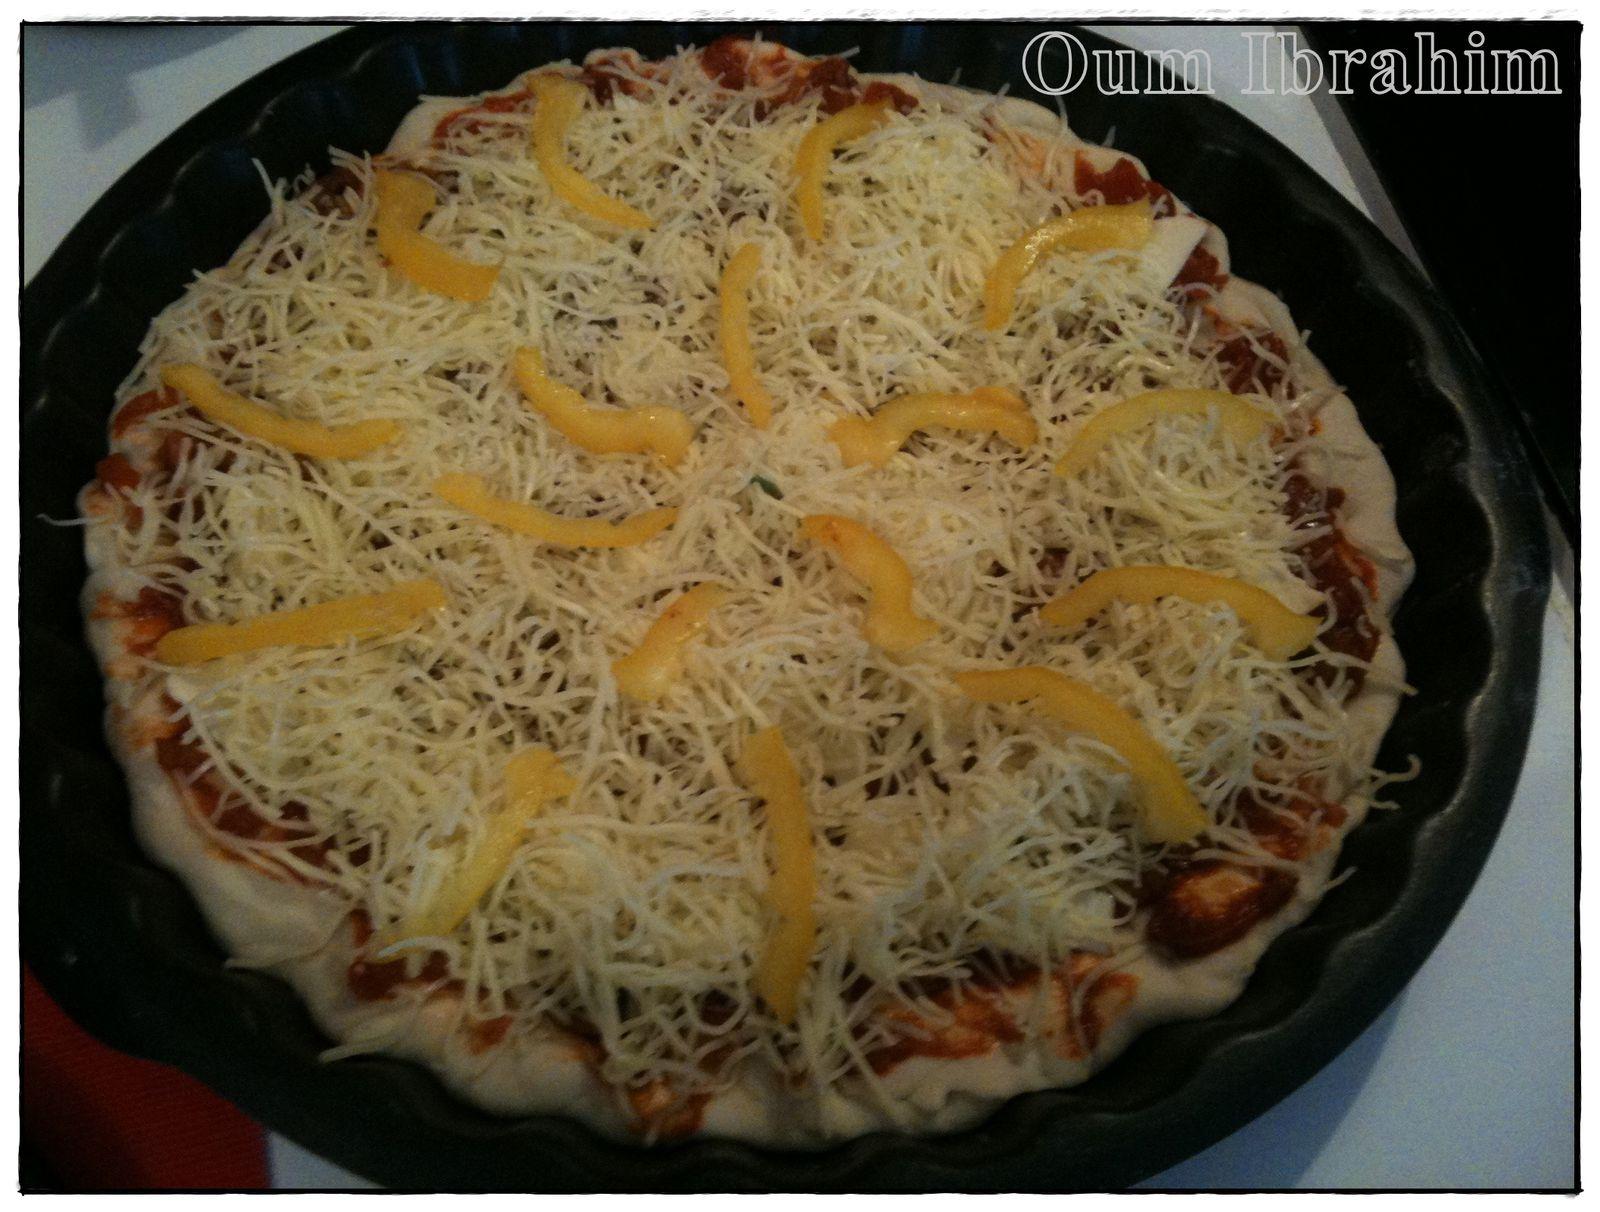 Pizza aux couleurs estivales